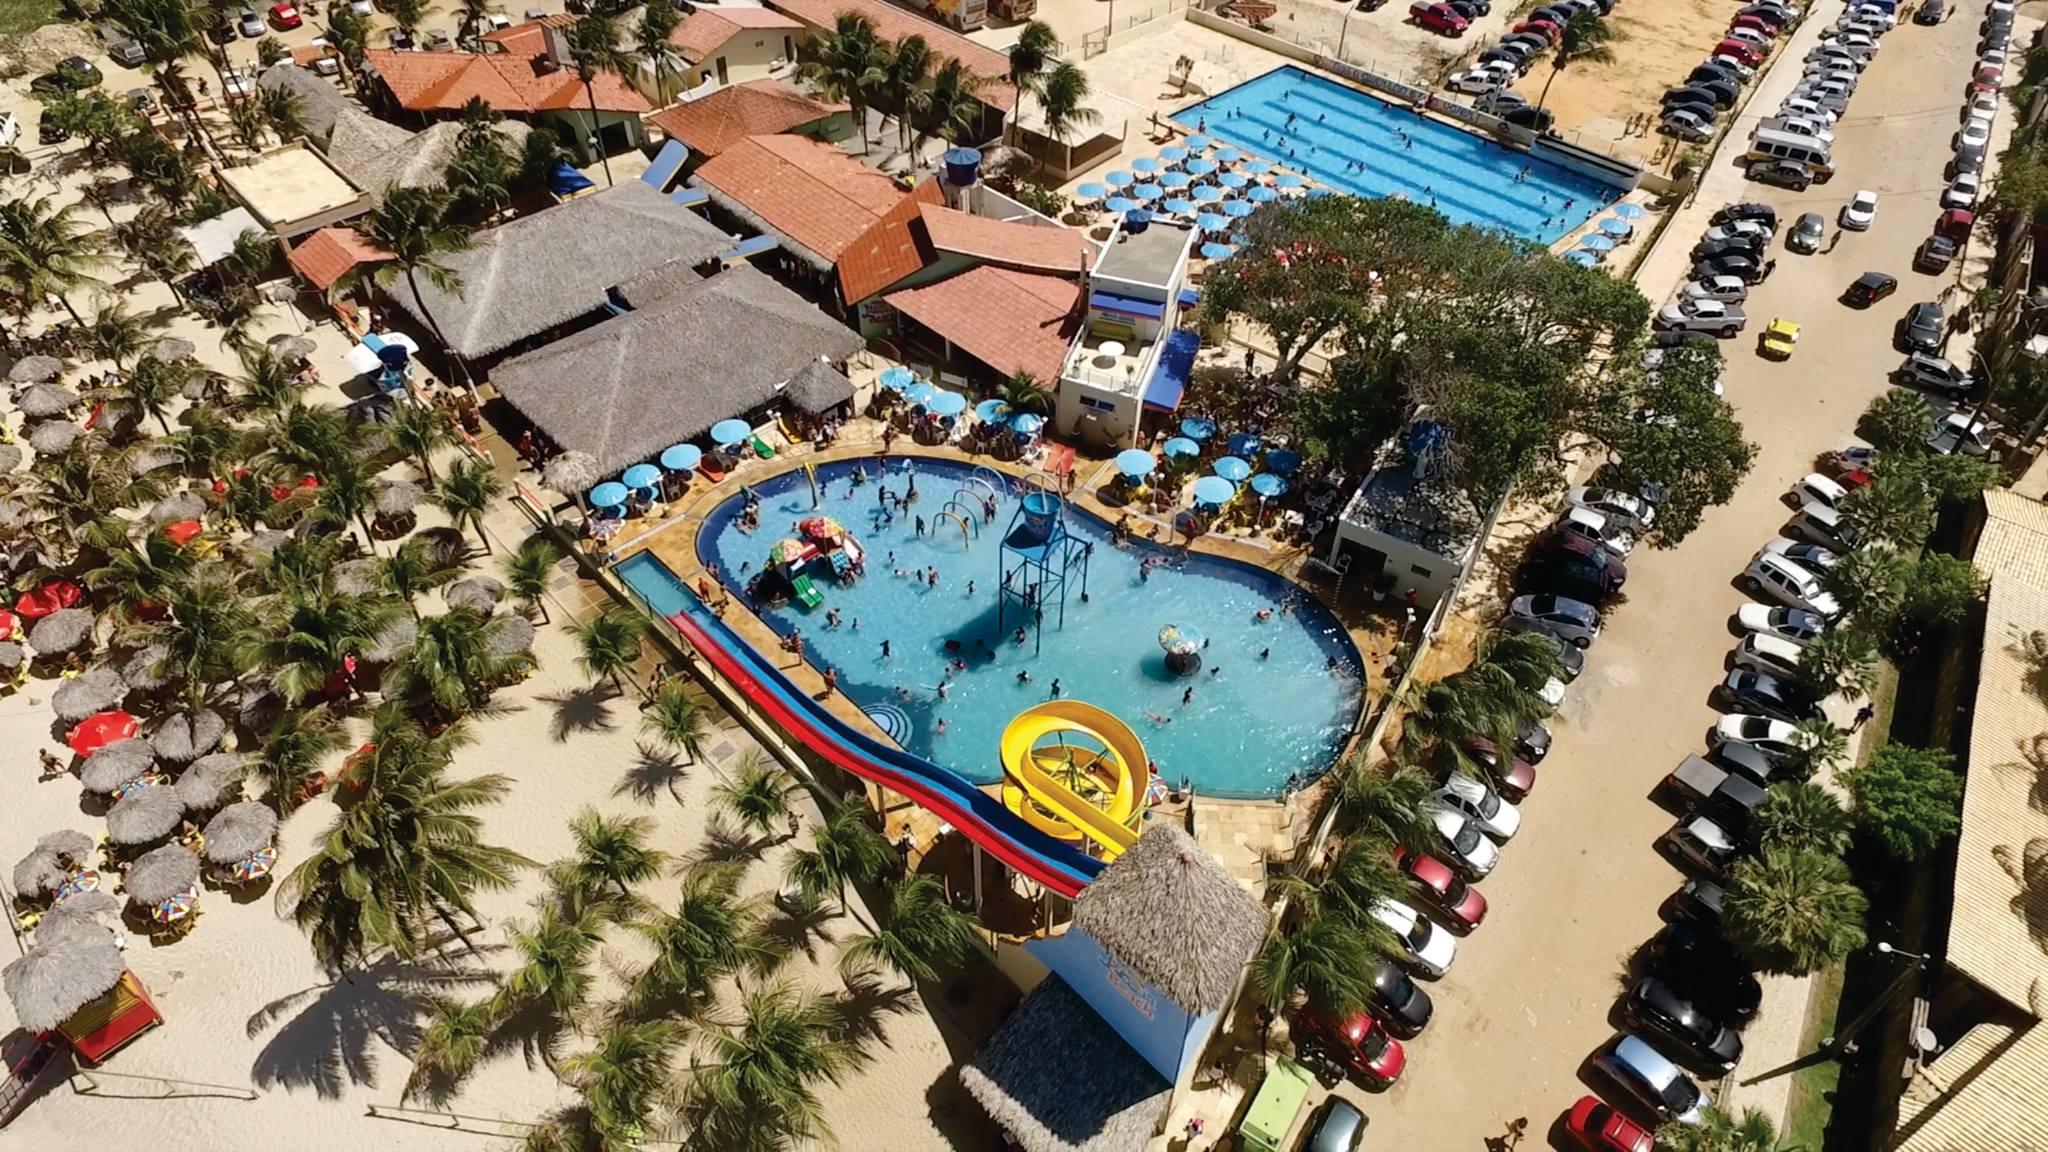 Segunda a Sexta - 2 Passaportes para o Parque Aquático + Calabresa (400g) e Batata Frita de R$138,00 por R$84,90